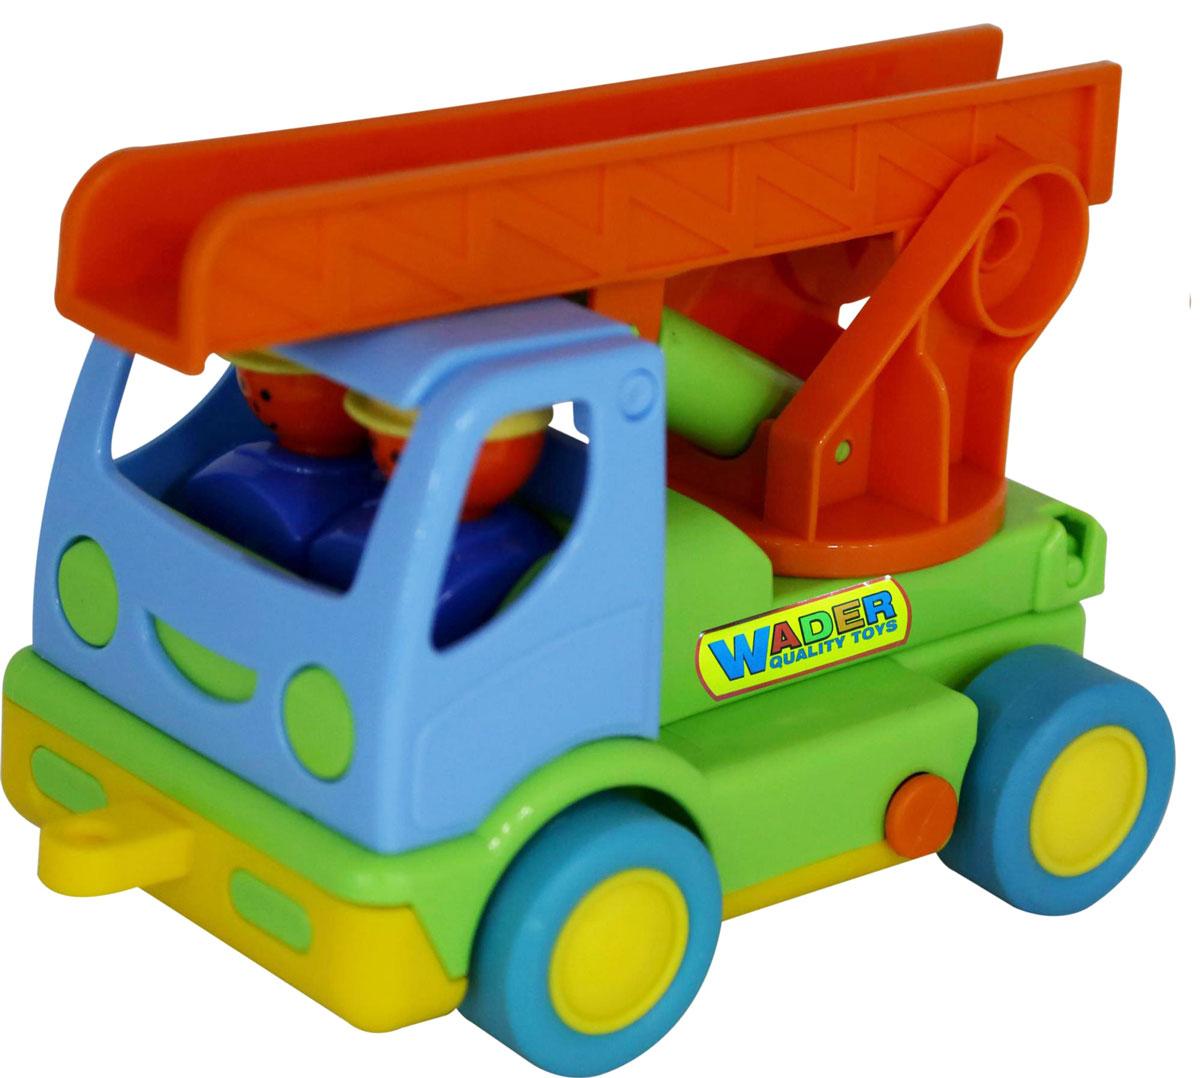 Полесье Пожарный автомобиль Мой первый грузовик 40152, цвет в ассортименте автомобиль пожарный полесье мой первый грузовик в сеточке 3225